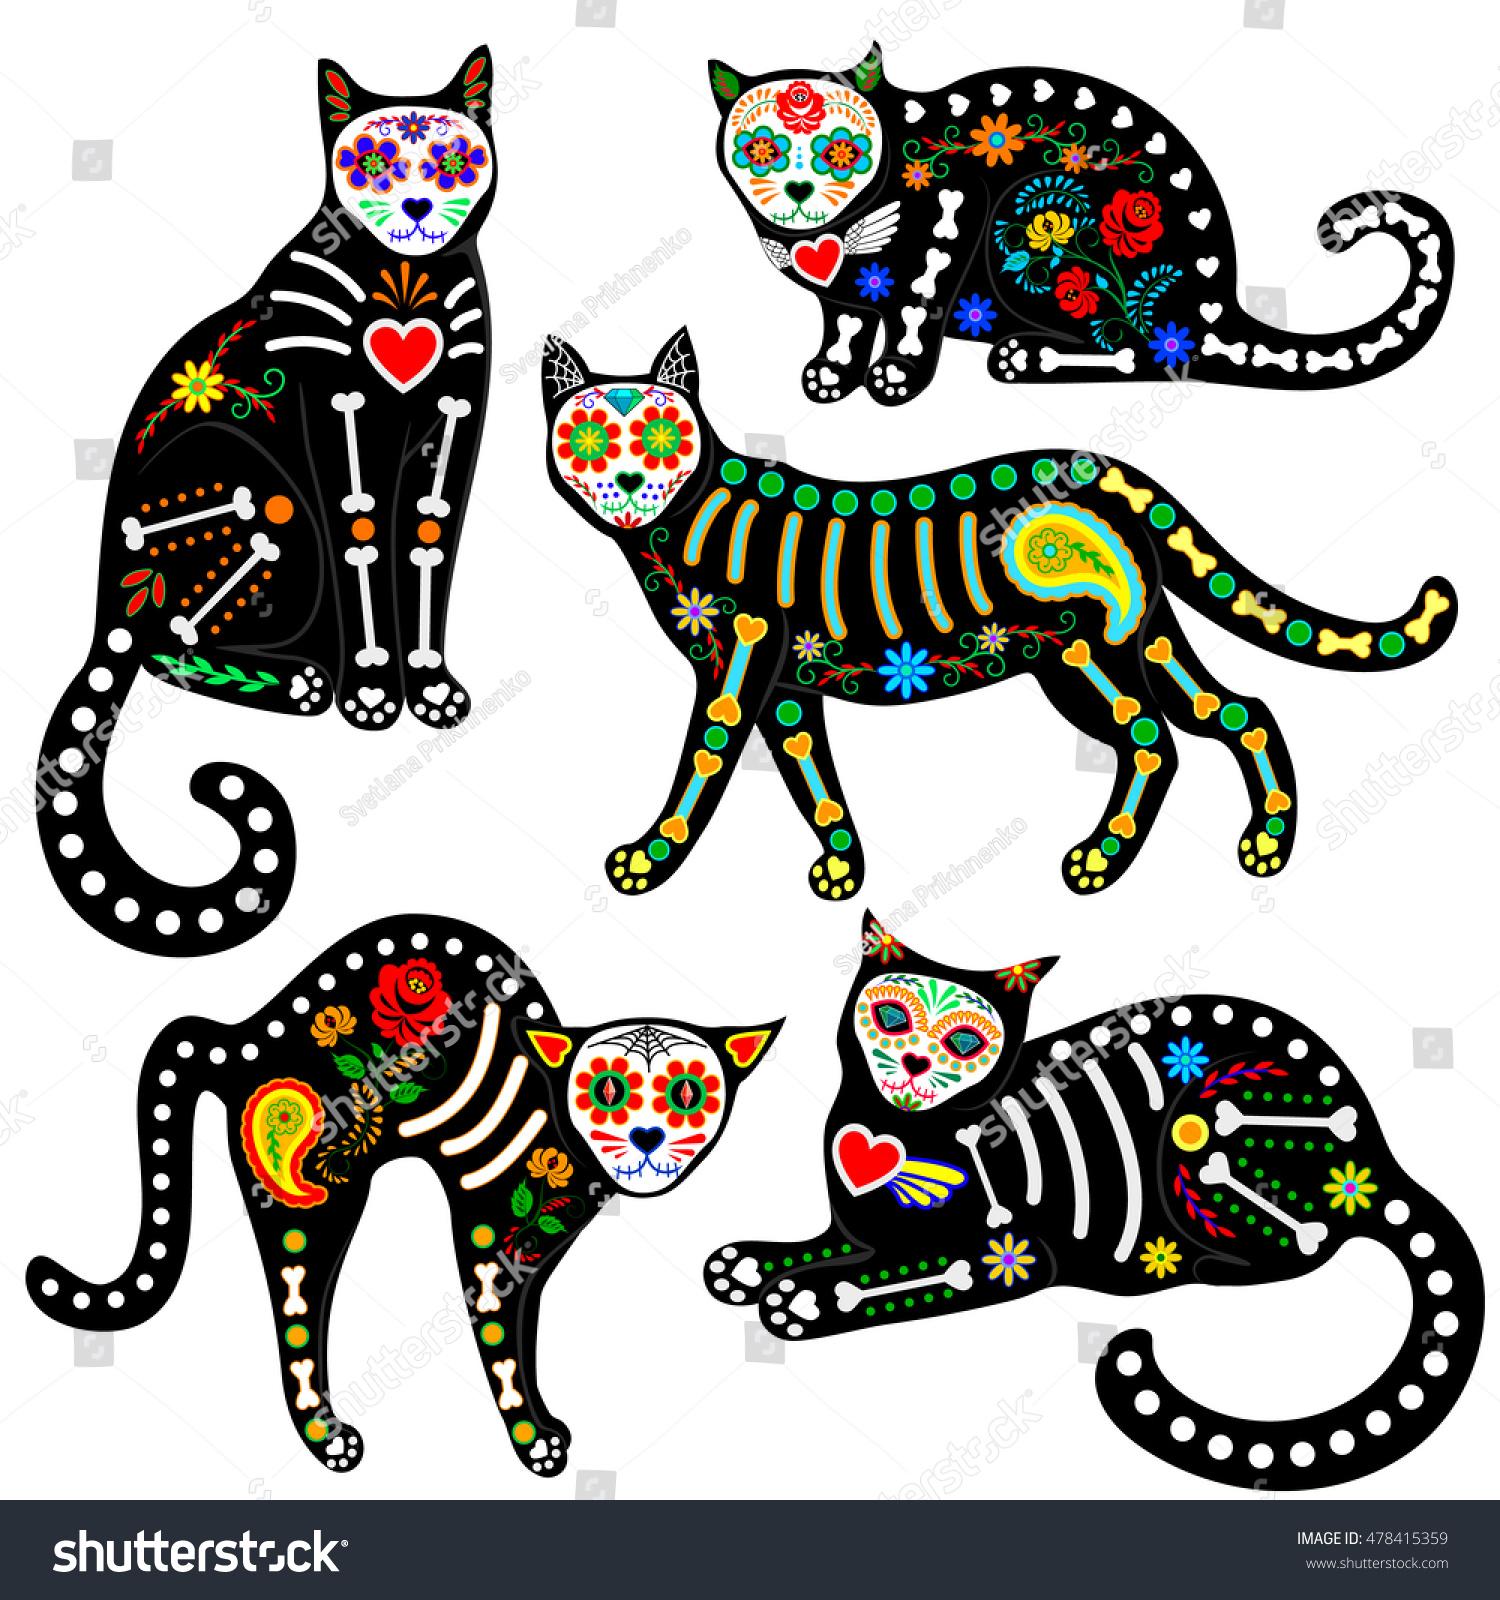 set calavera sugar skull black cats stock vector 478415359 shutterstock Lizard Skeleton Elephant Skeleton